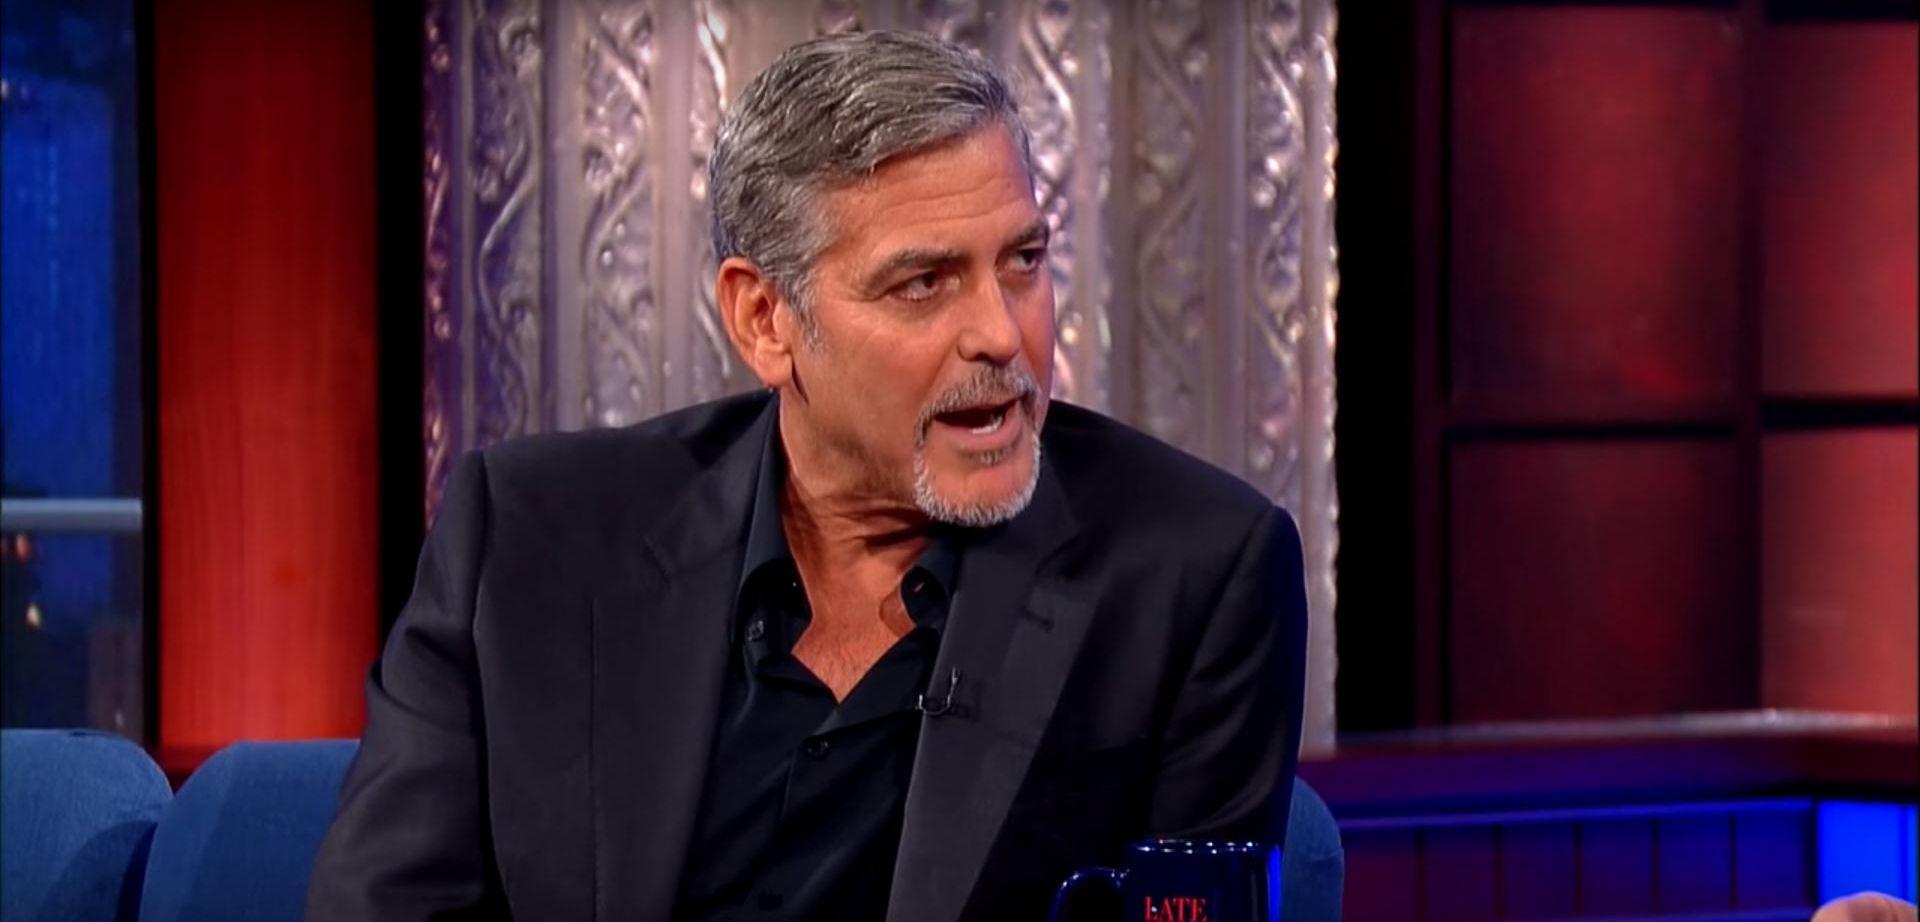 ZANIMLJIV PROJEKT Krenulo snimanje komedije 'inspirirane' Georgeom Clooneyem